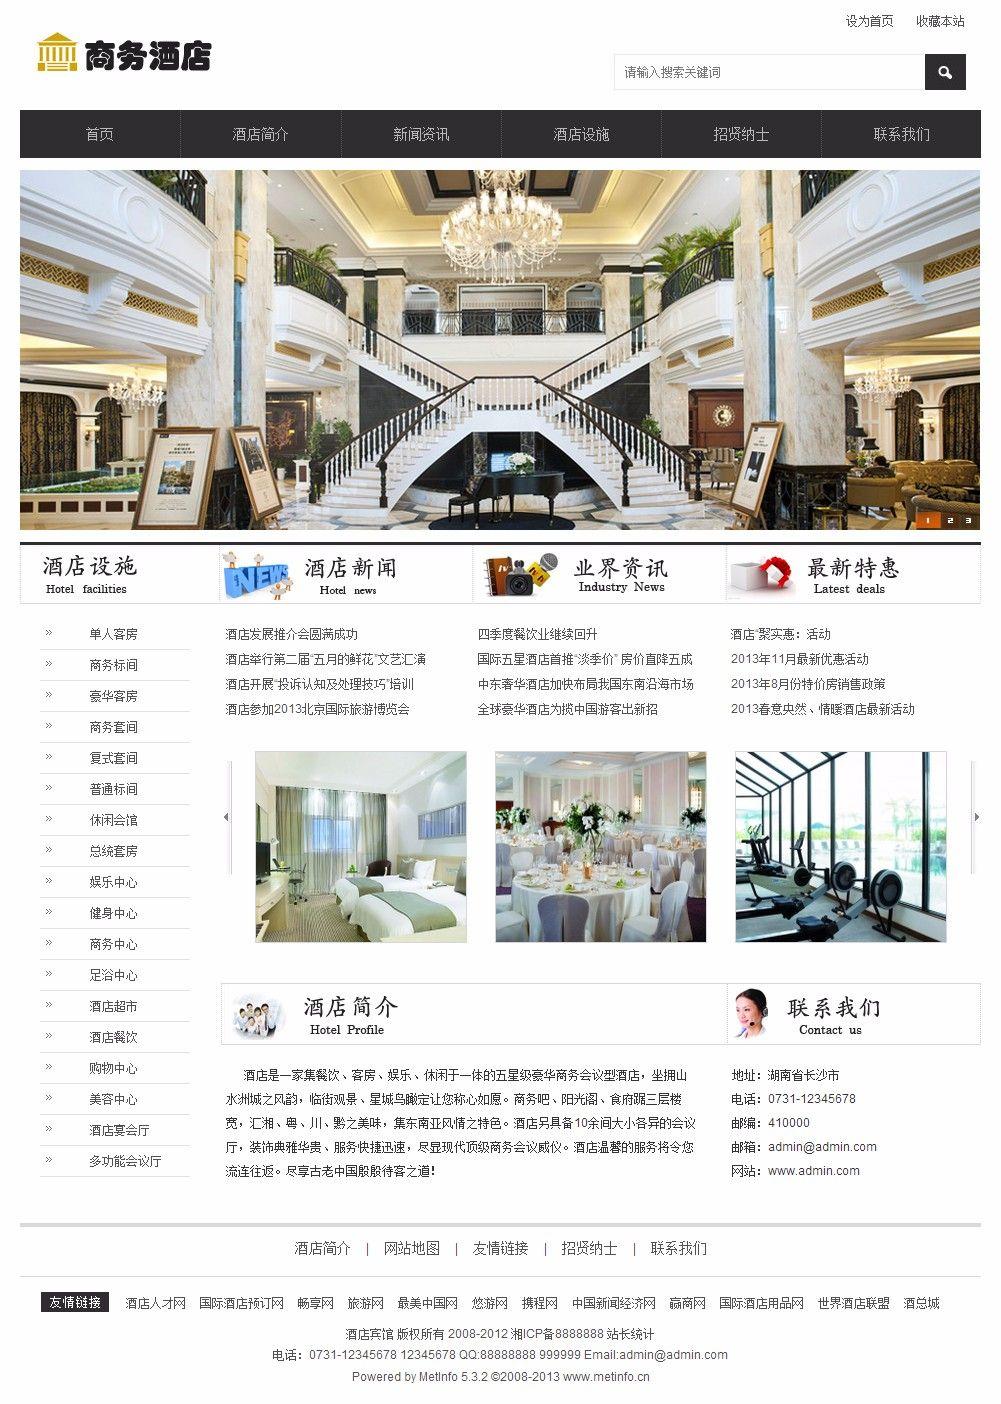 商务酒店公司网站模板-整体效果